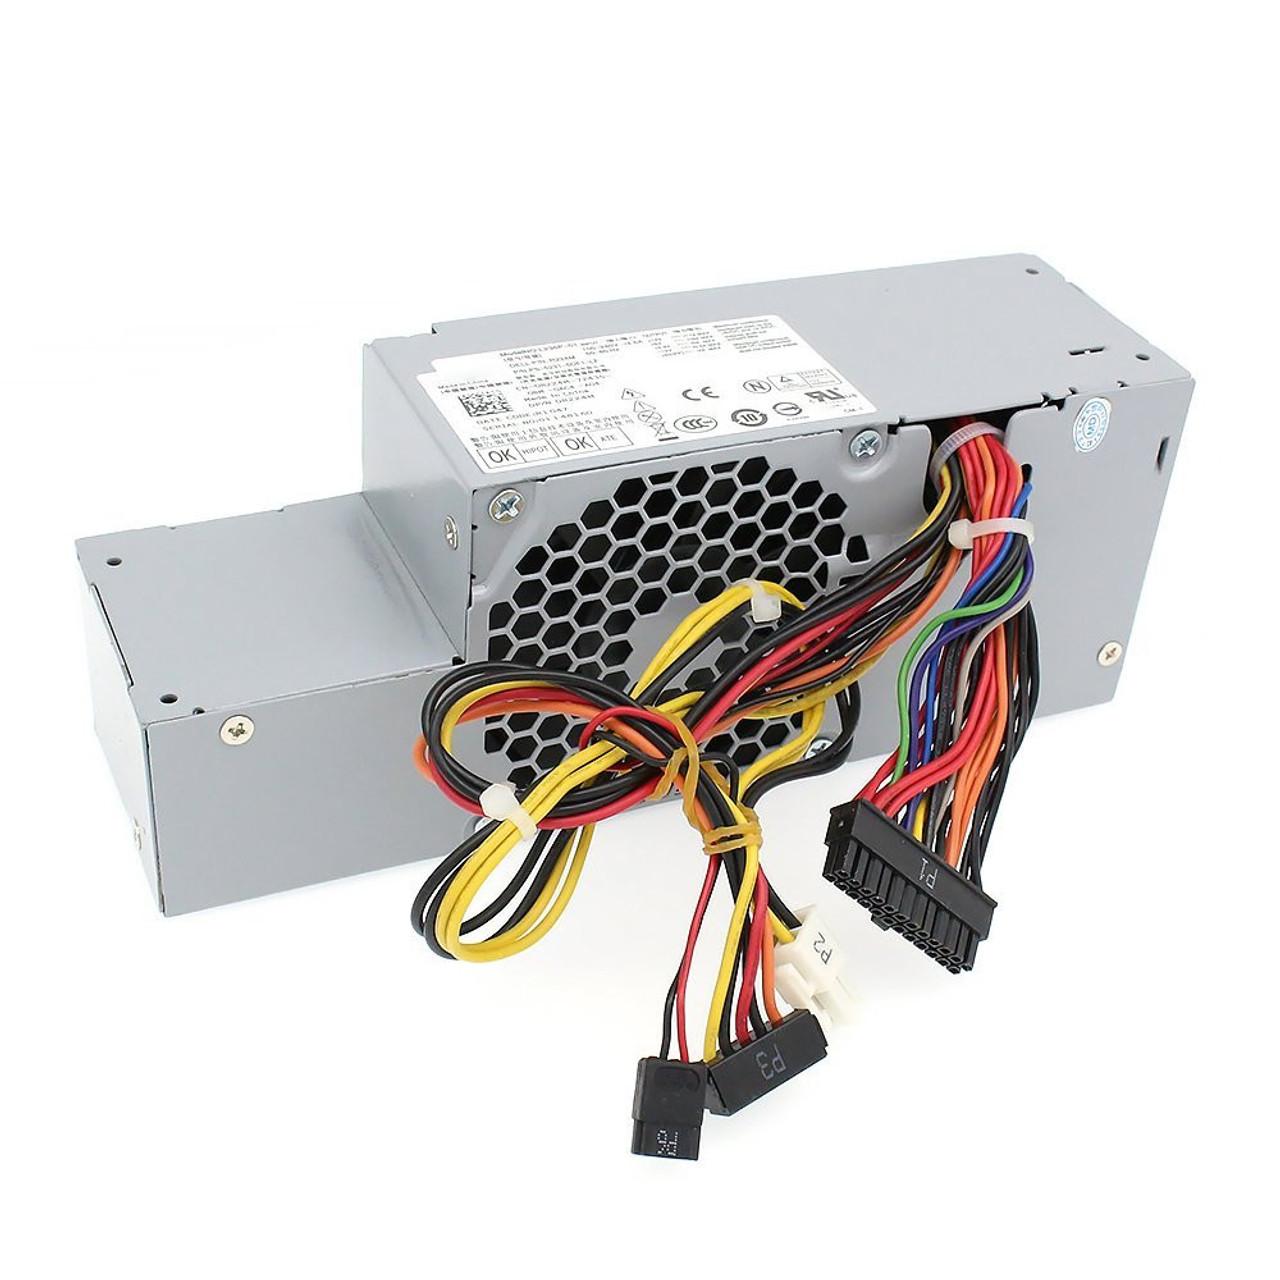 Dell Optiplex 760 780 960 980 SFF 235W Power Supply FR610